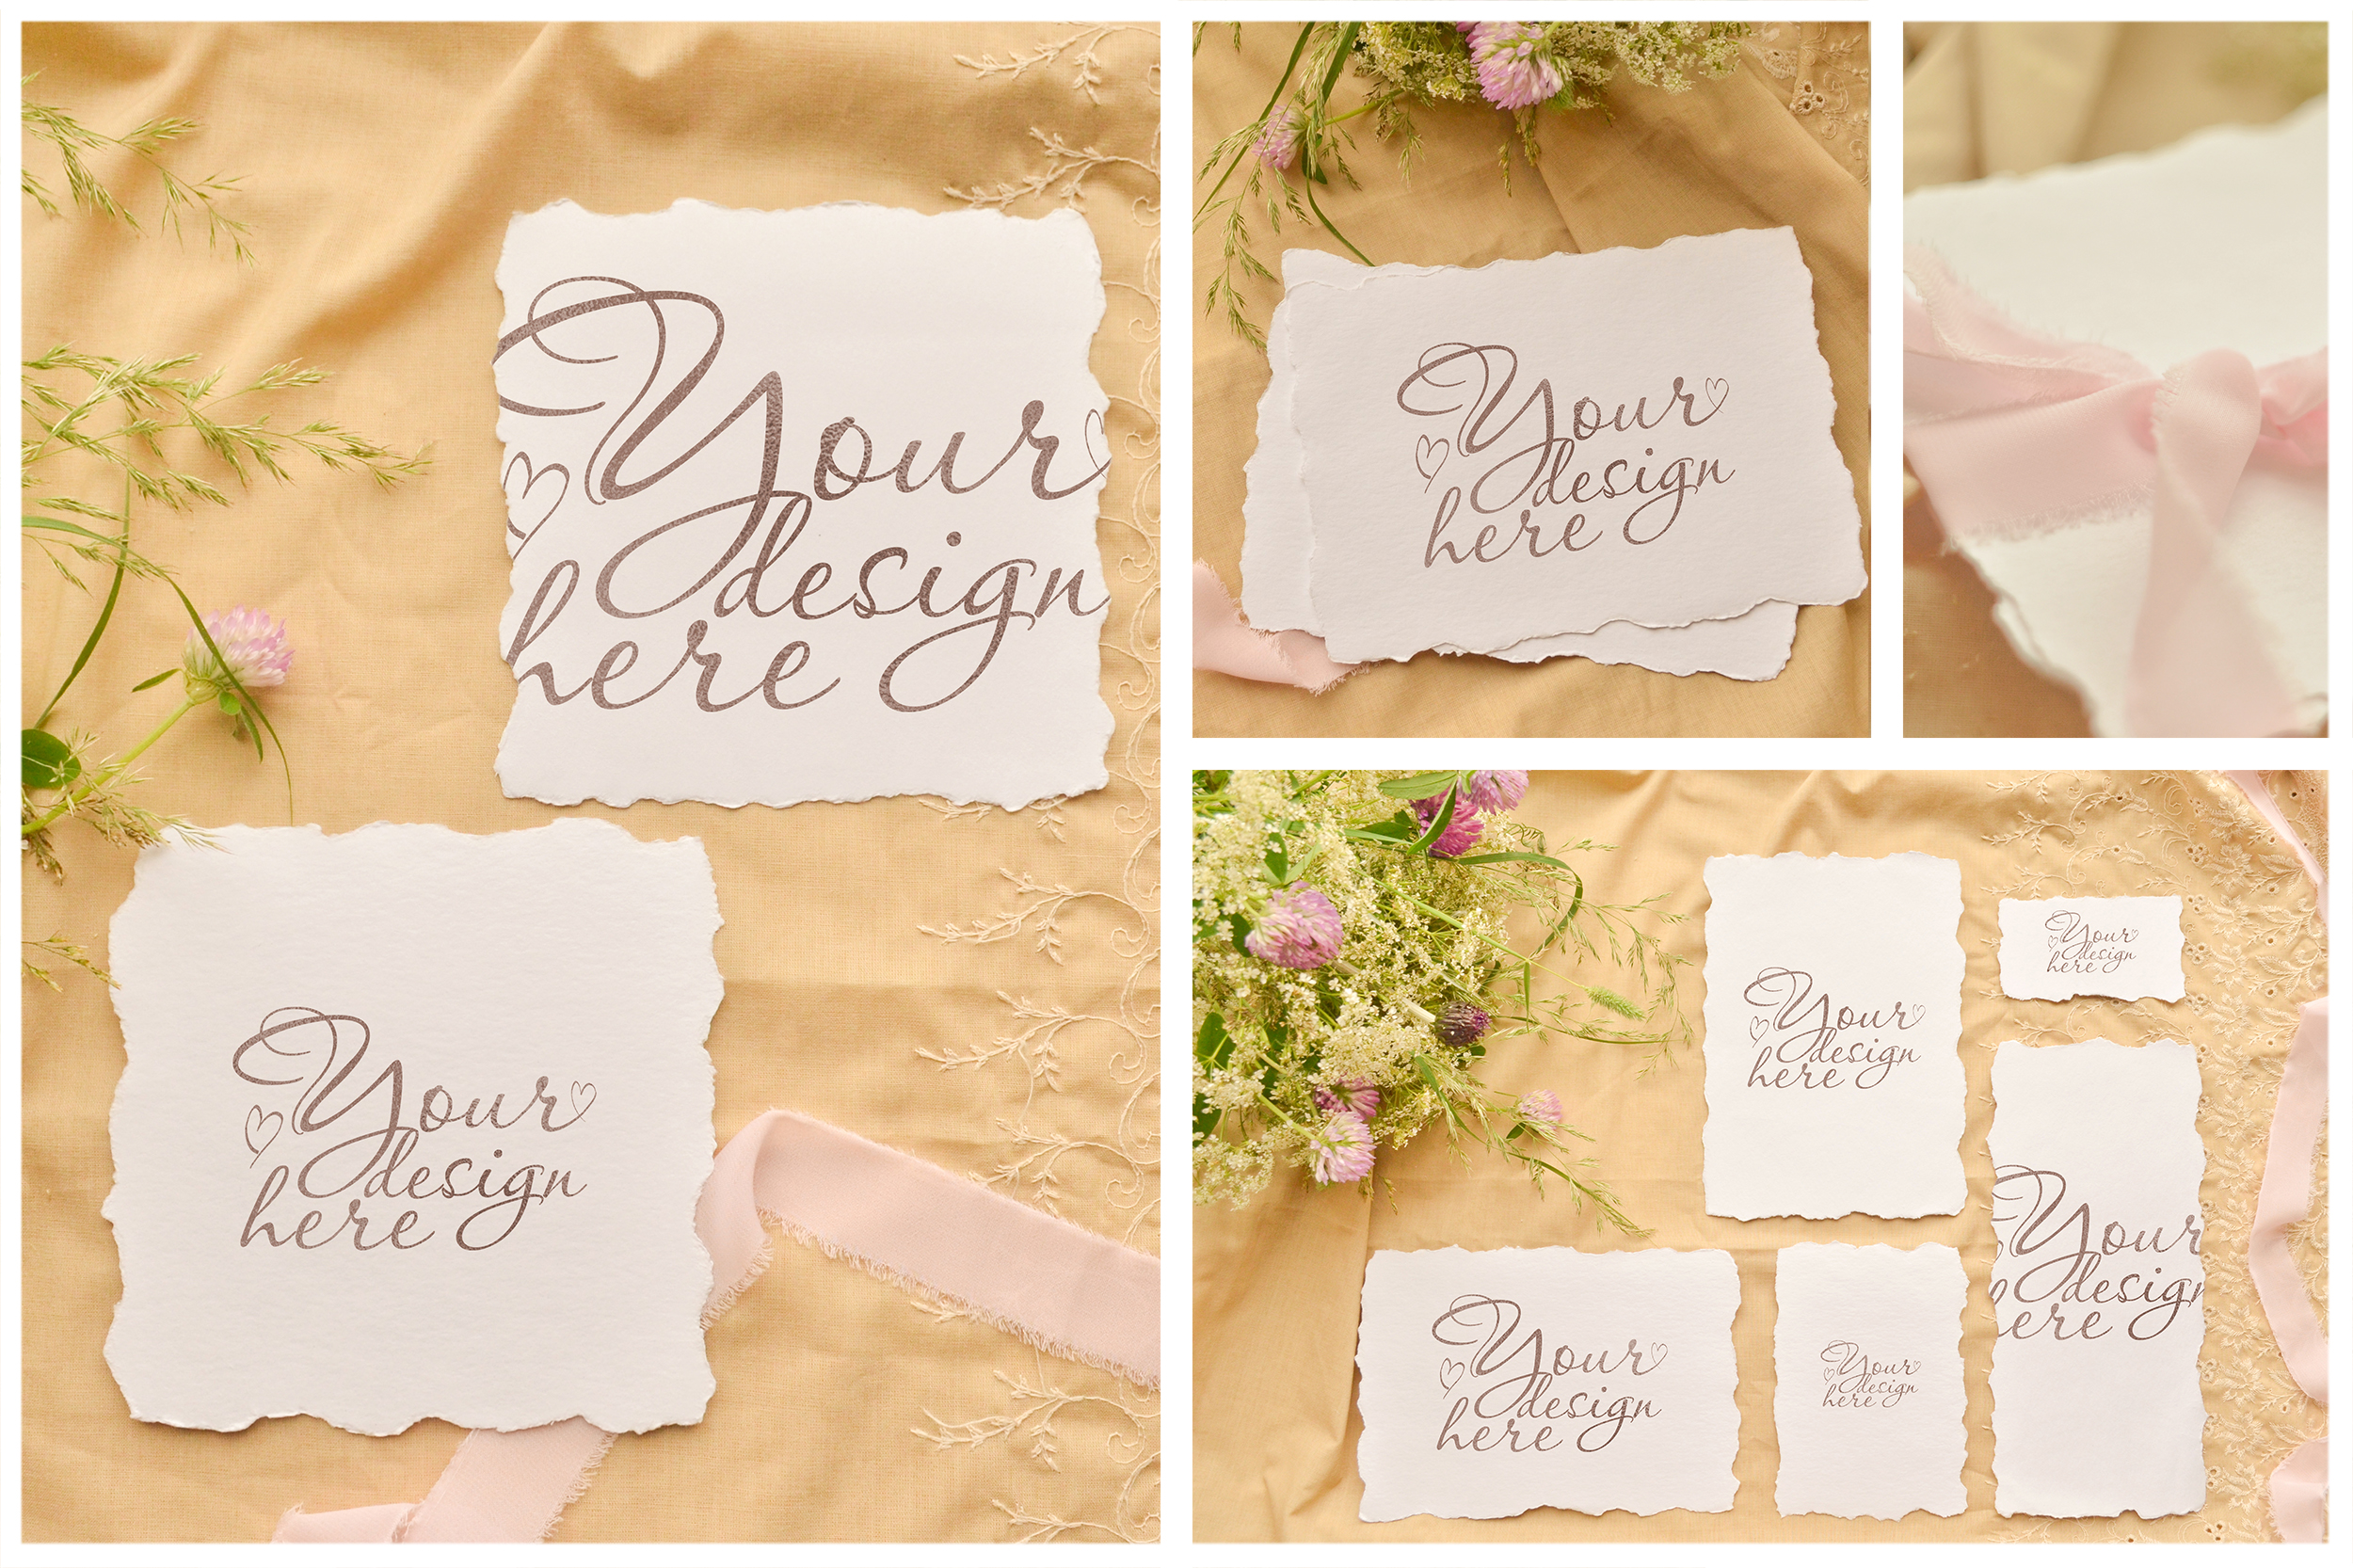 Honey Meadow. Wedding mockups & stock photo bundle example image 7